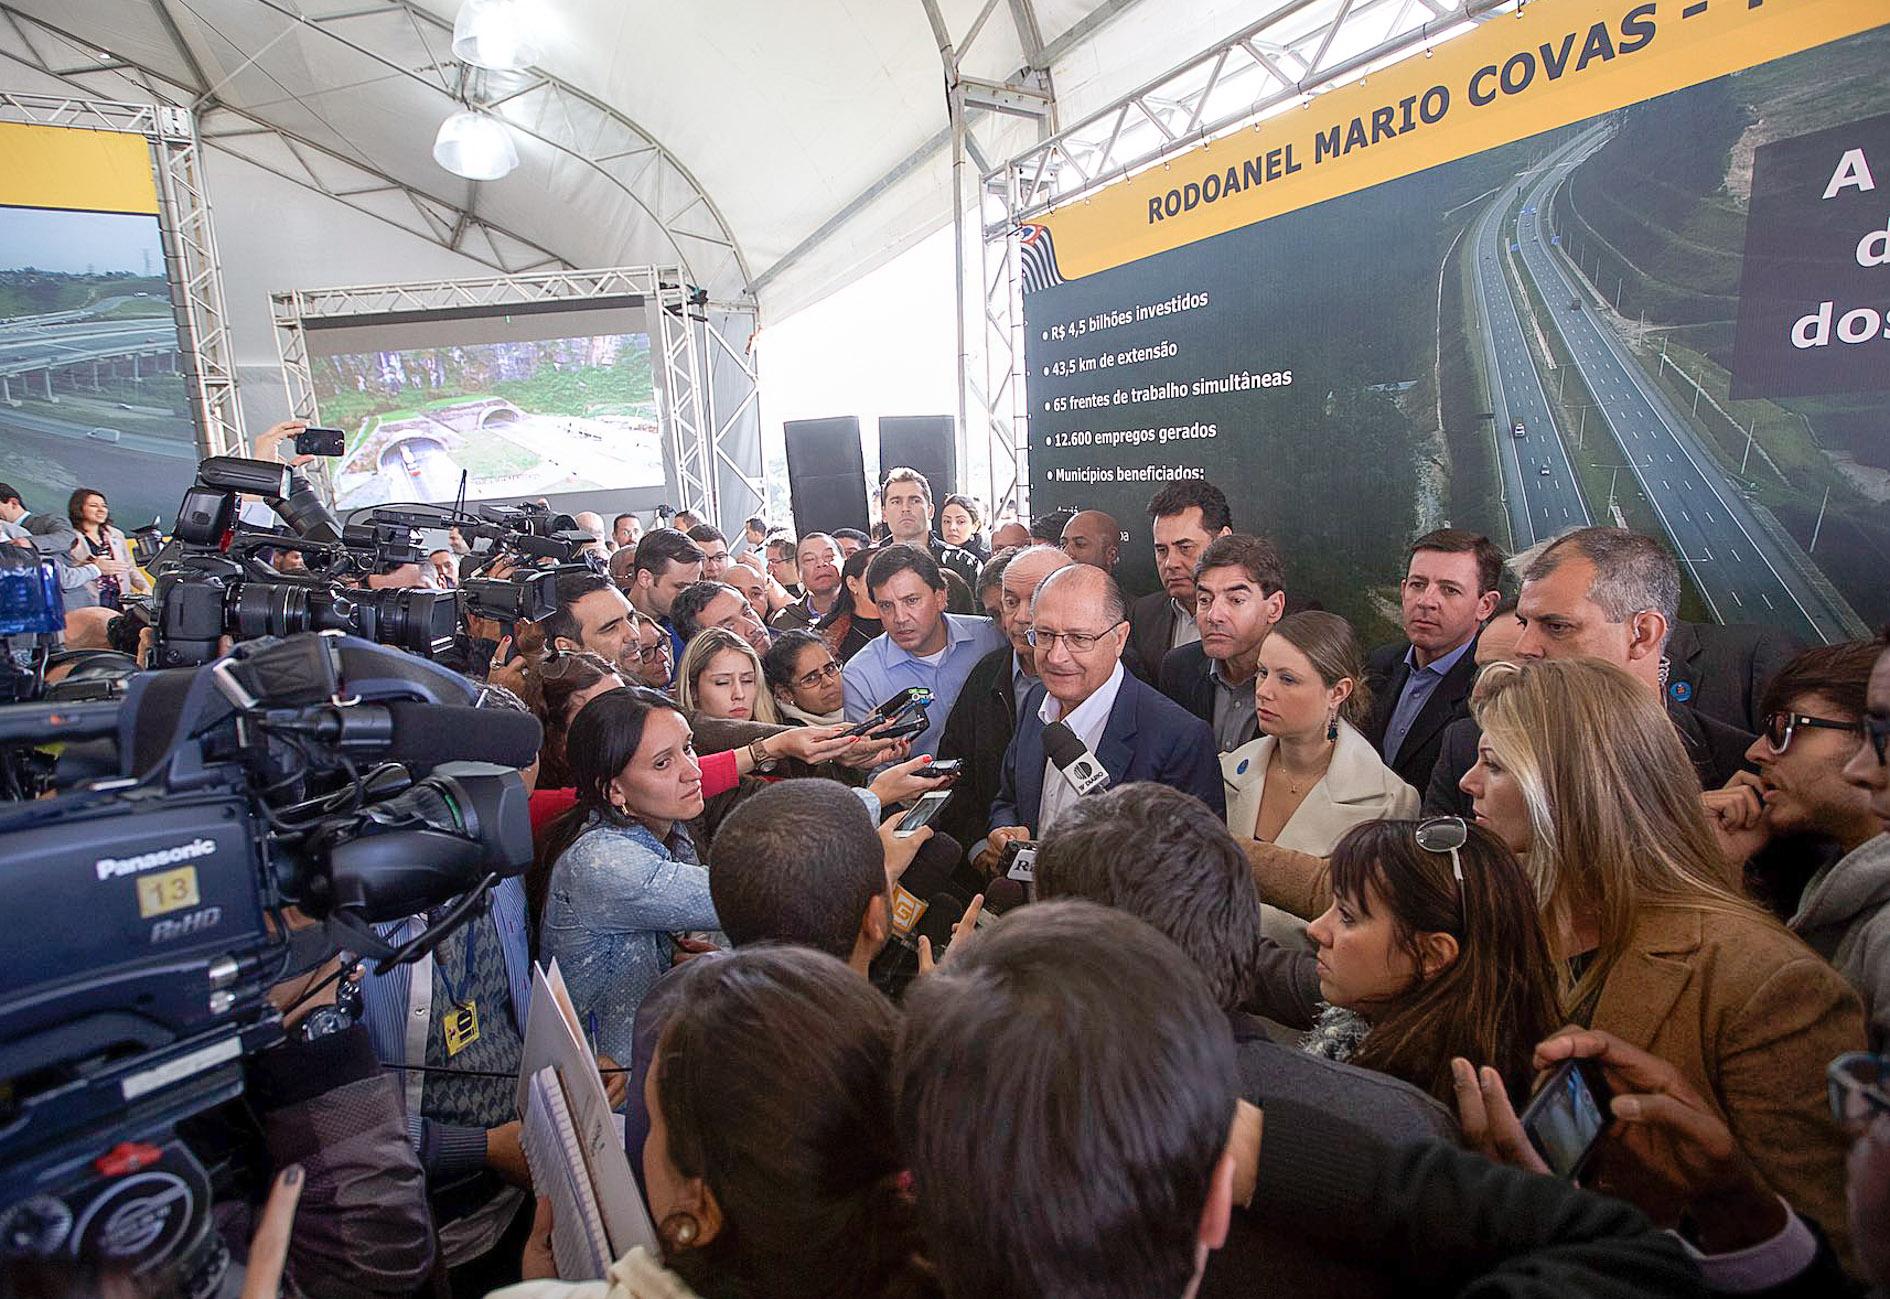 A estimativa é de que a redução do tempo de viagem entre a Baixada Santista e Guarulhos seja de cerca de 30%, proporcionando maior ganho aos transportadores e agilidade na locomoção de cargas. Foto: A2img / Daniel Guimarães